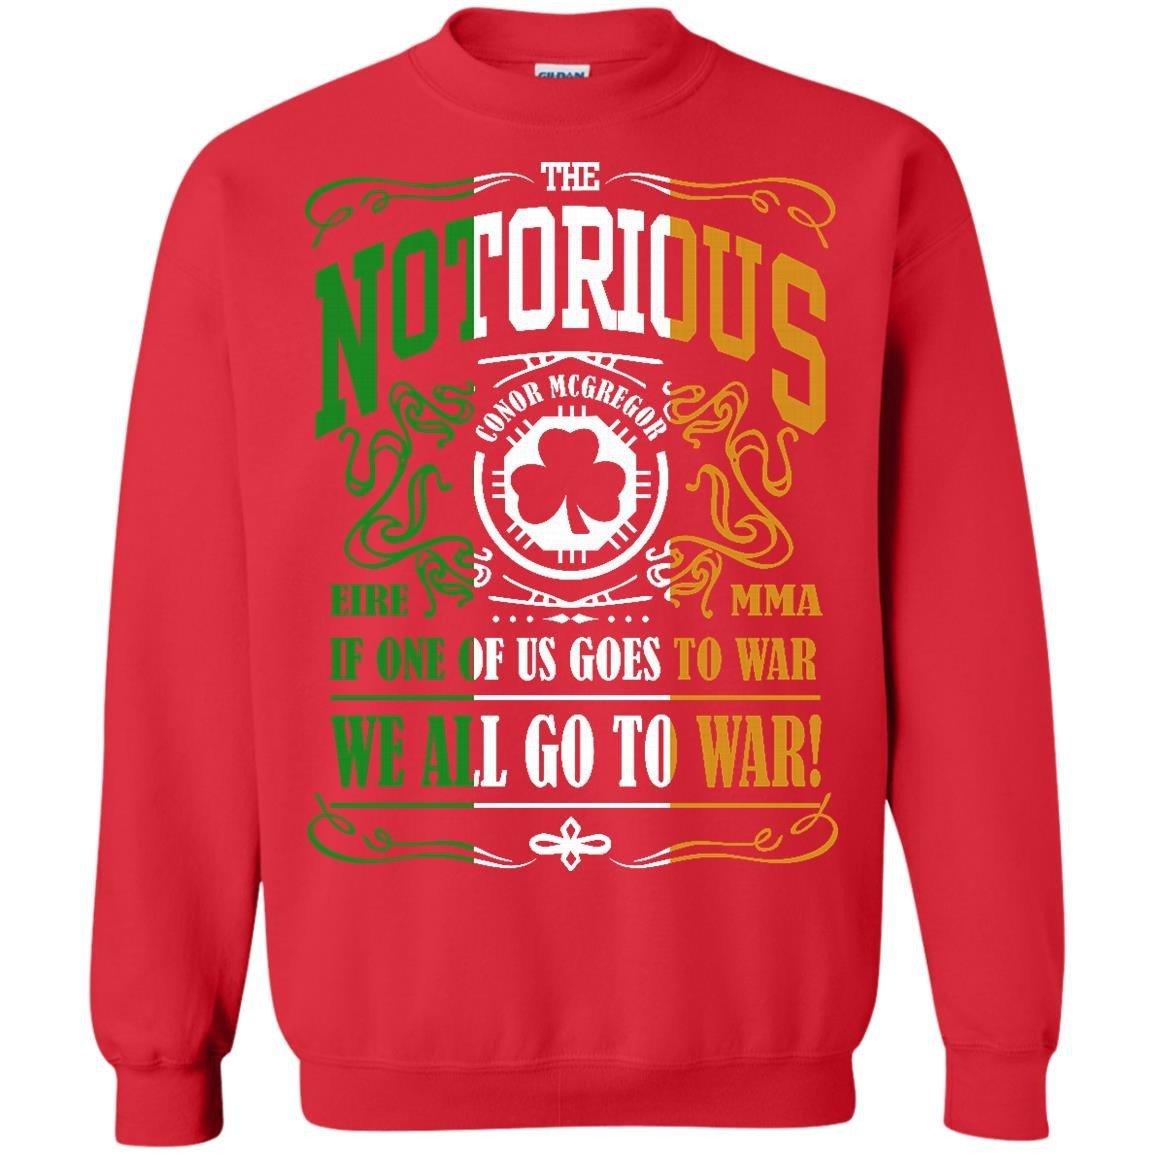 THE NOTORIOUS CONOR MCGREGOR GO TO WAR Pullover Sweatshirt Julie Tee 9911242433